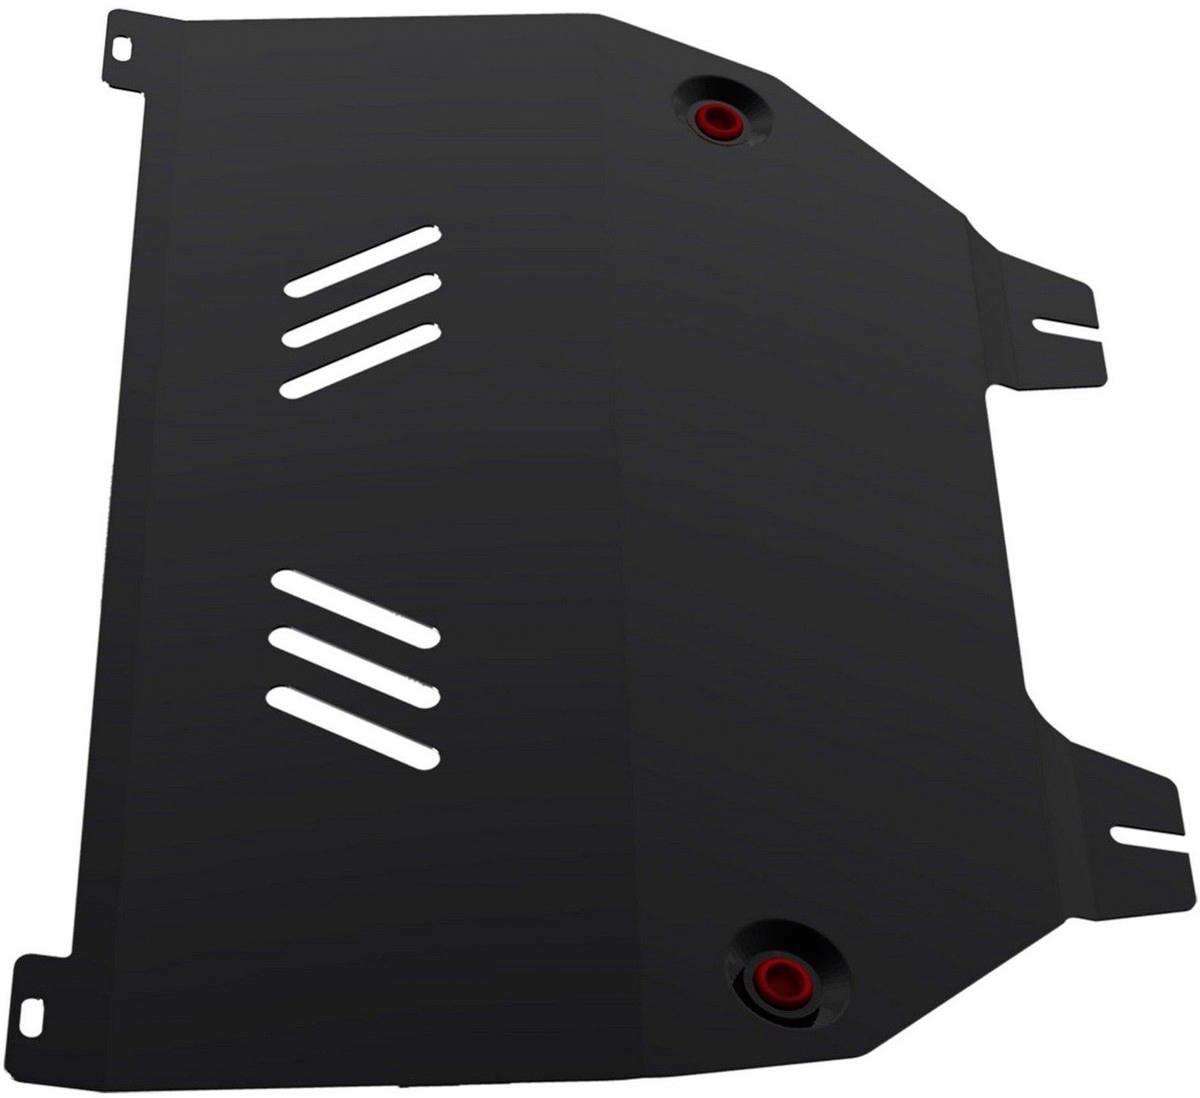 Защита картера и КПП Автоброня Citroёn C4 2006-2011 2011-/Peugeot 308 2008-/Peugeot 408 2012-, сталь 2 мм111.01203.2Защита картера и КПП Автоброня для Citroёn C4, V - 1,6; 2,0 2006-2011 2011-/Peugeot 308, V - 1,6 2008-/Peugeot 408 2012-, сталь 2 мм, 111.01203.2Стальные защиты Автоброня надежно защищают ваш автомобиль от повреждений при наезде на бордюры, выступающие канализационные люки, кромки поврежденного асфальта или при ремонте дорог, не говоря уже о загородных дорогах. - Имеют оптимальное соотношение цена-качество. - Спроектированы с учетом особенностей автомобиля, что делает установку удобной. - Защита устанавливается в штатные места кузова автомобиля. - Является надежной защитой для важных элементов на протяжении долгих лет. - Глубокий штамп дополнительно усиливает конструкцию защиты. - Подштамповка в местах крепления защищает крепеж от срезания.Толщина стали 2 мм. В комплекте инструкция по установке.